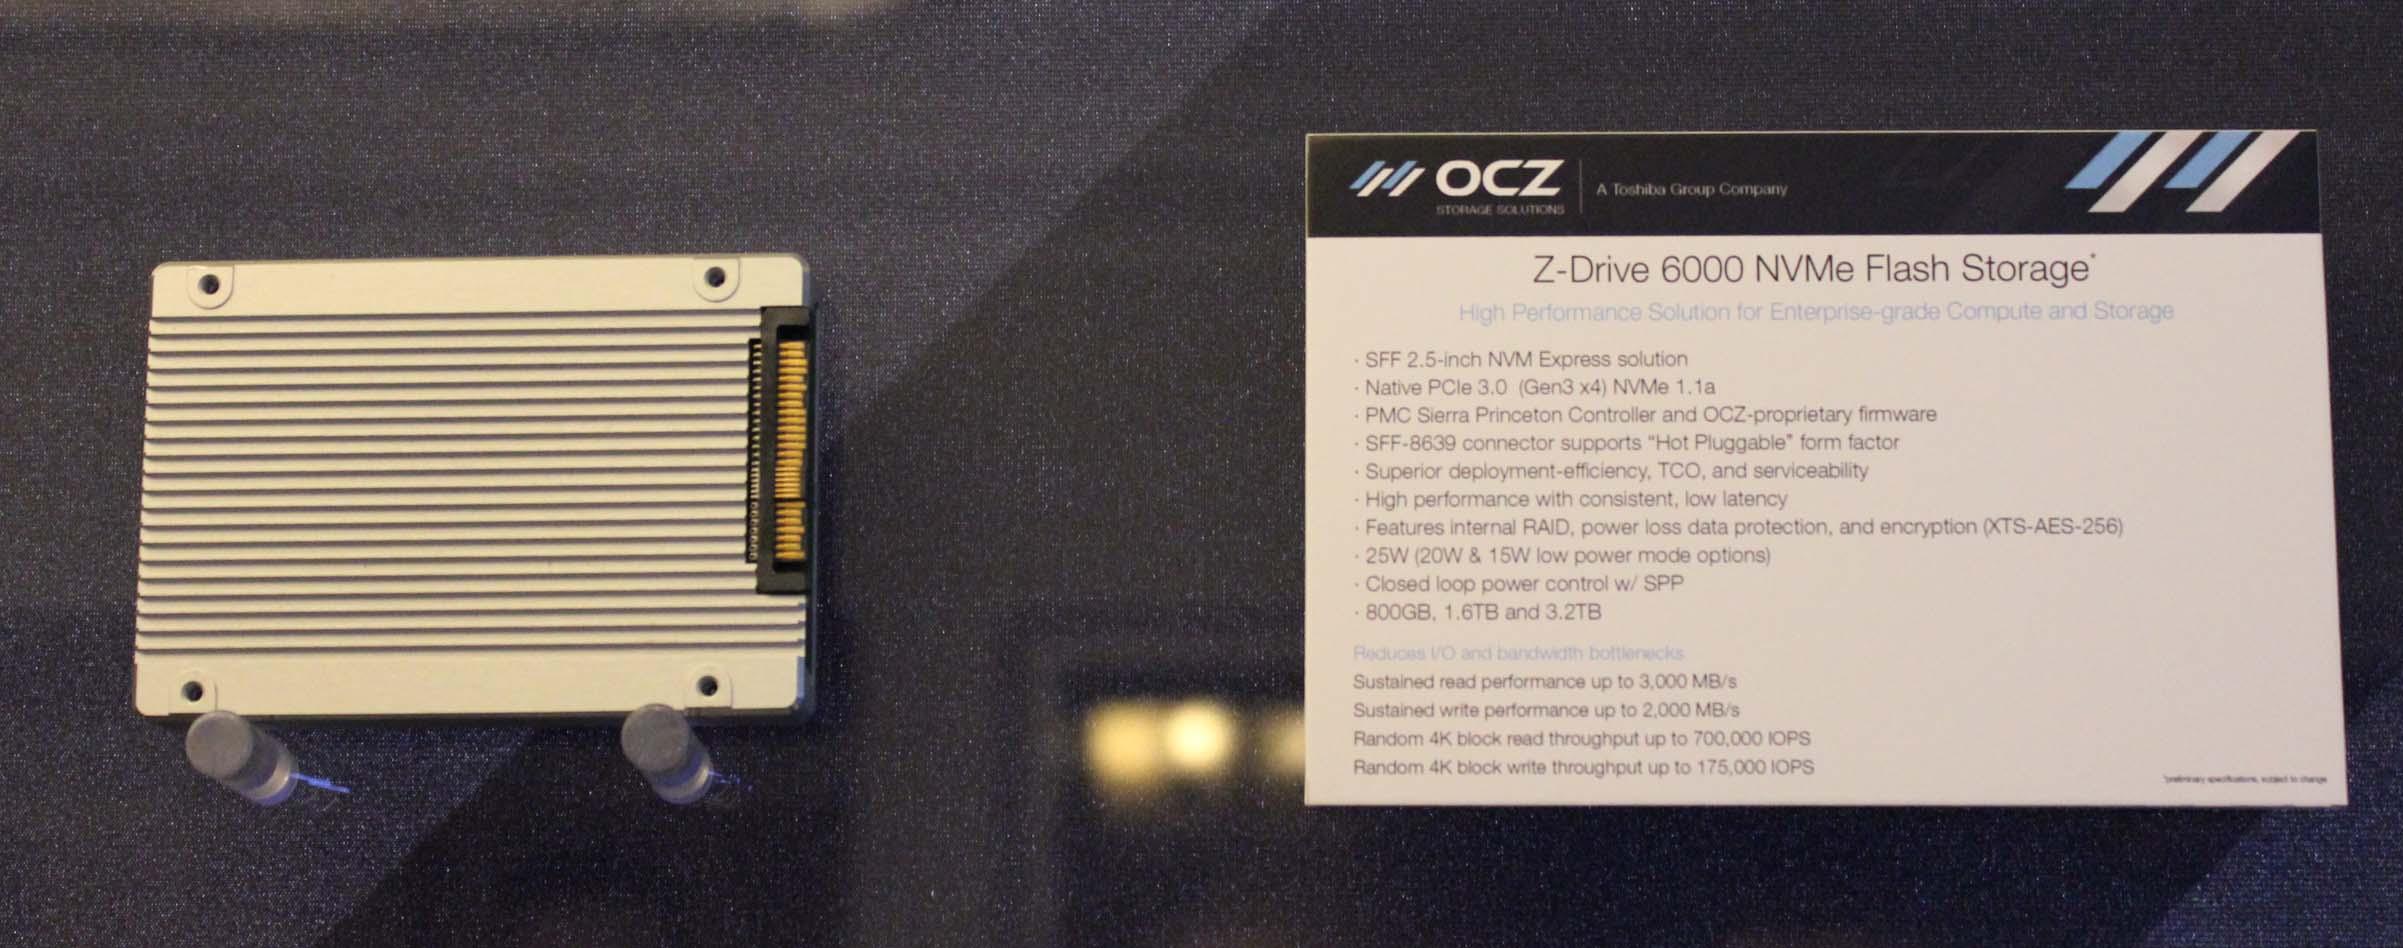 OCZ Suite Tour: Vector 180, JetExpress PCIe NVMe Controller